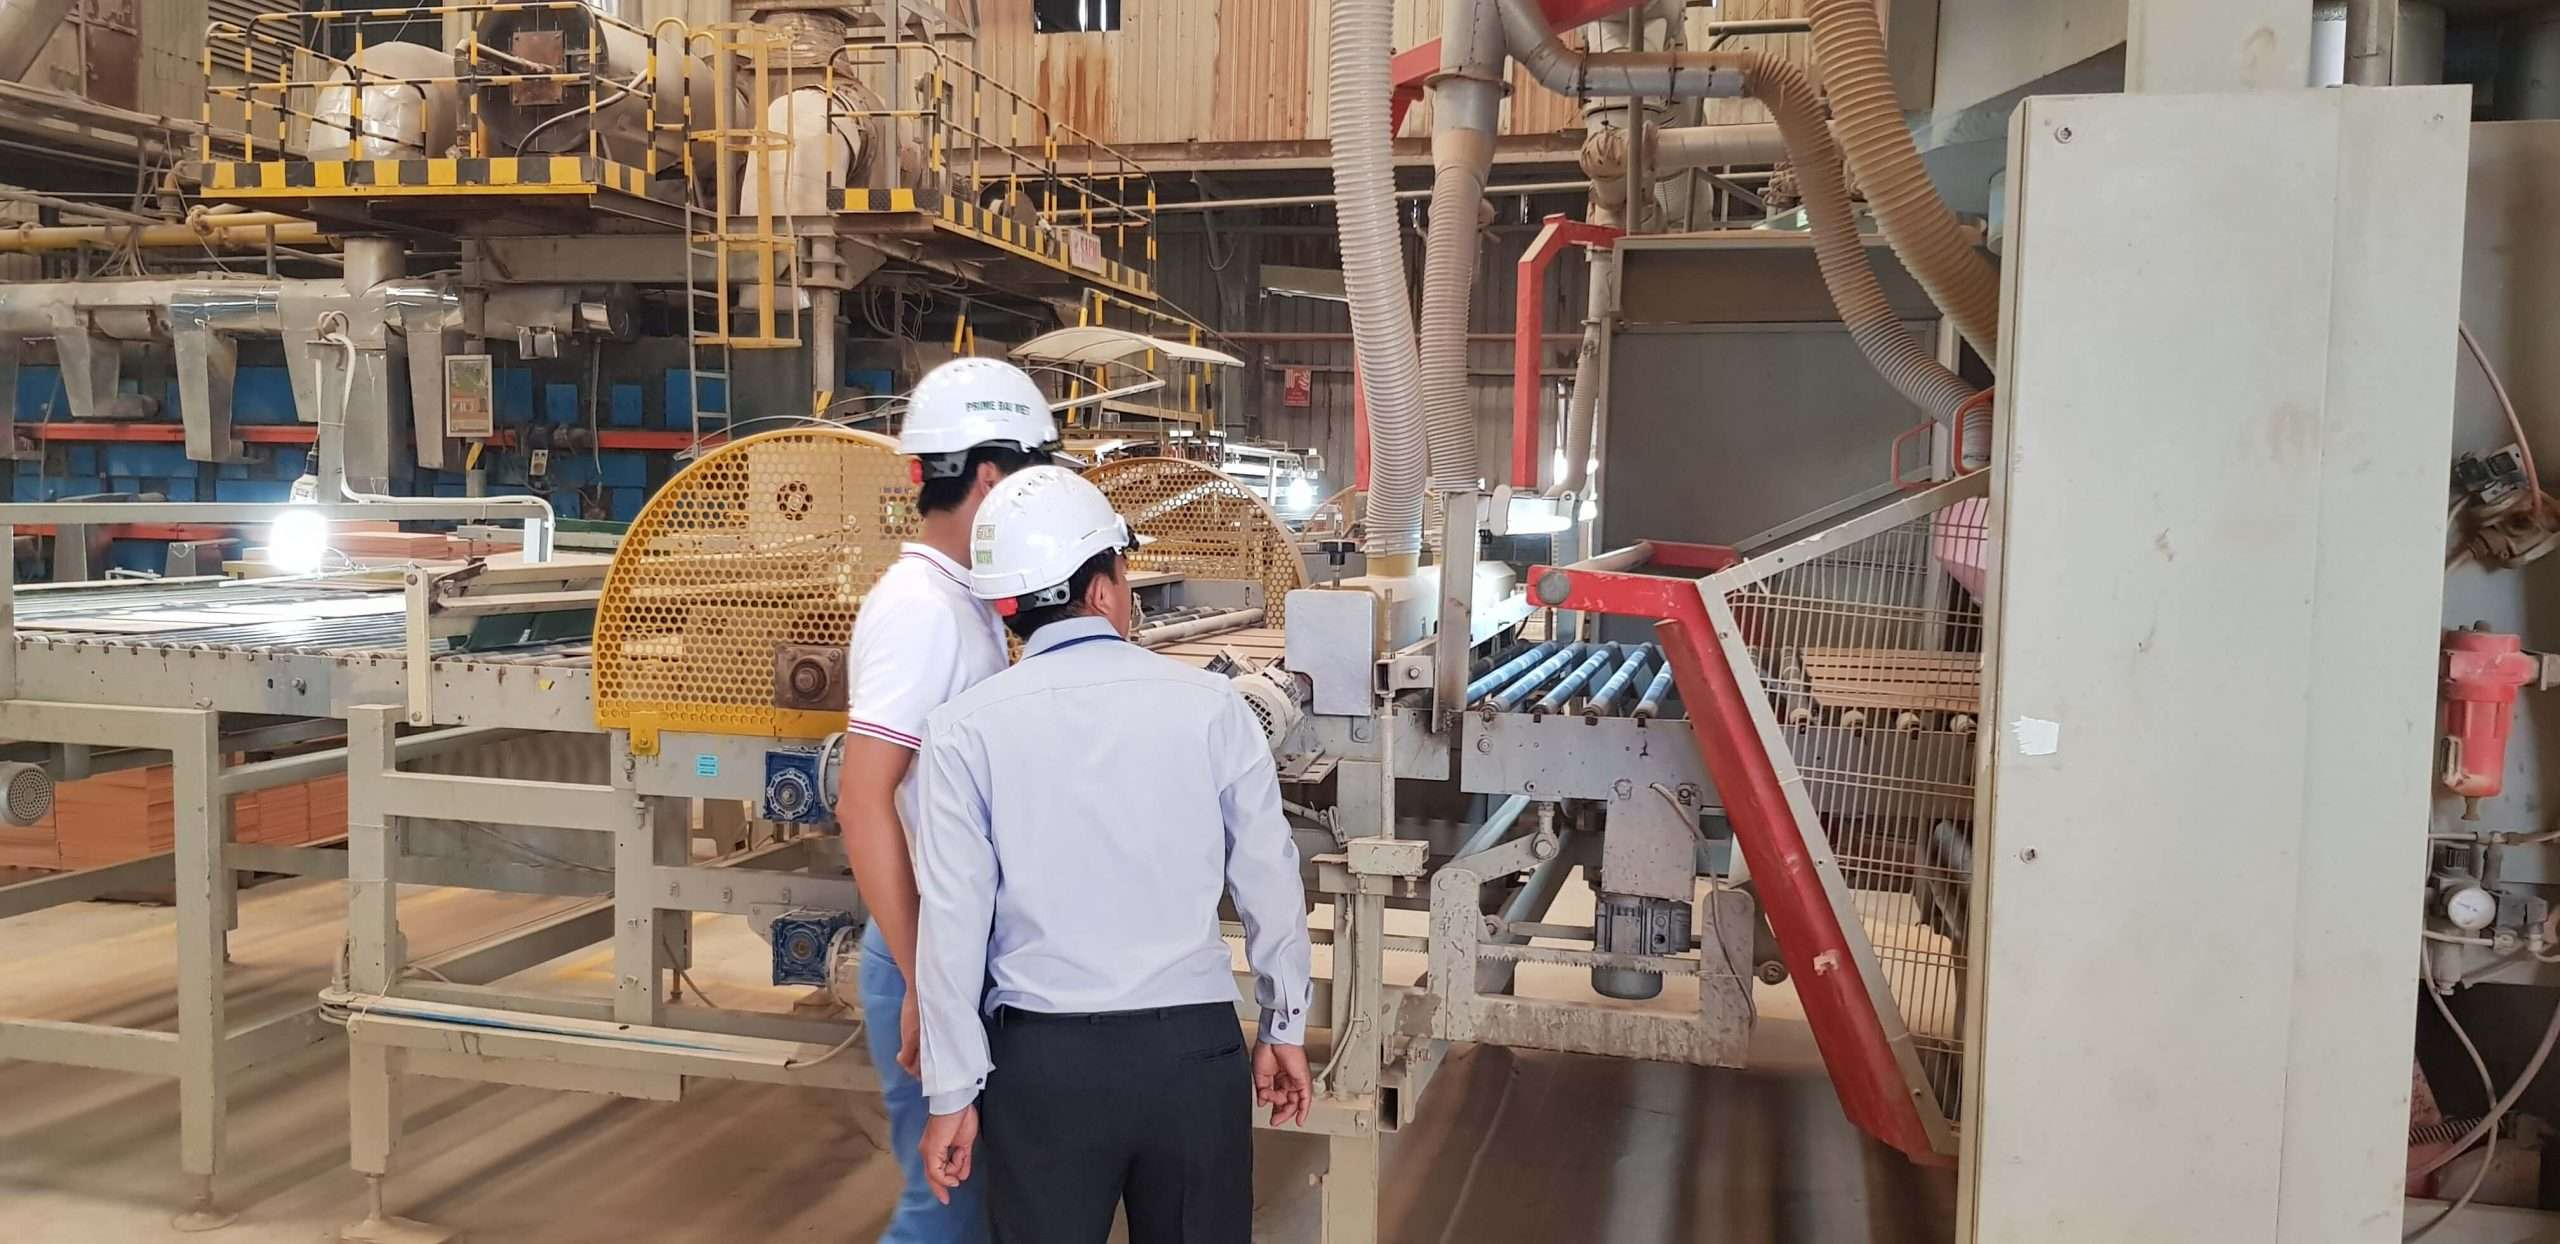 Công tác bảo dưỡng của nhà máy công nghiệp